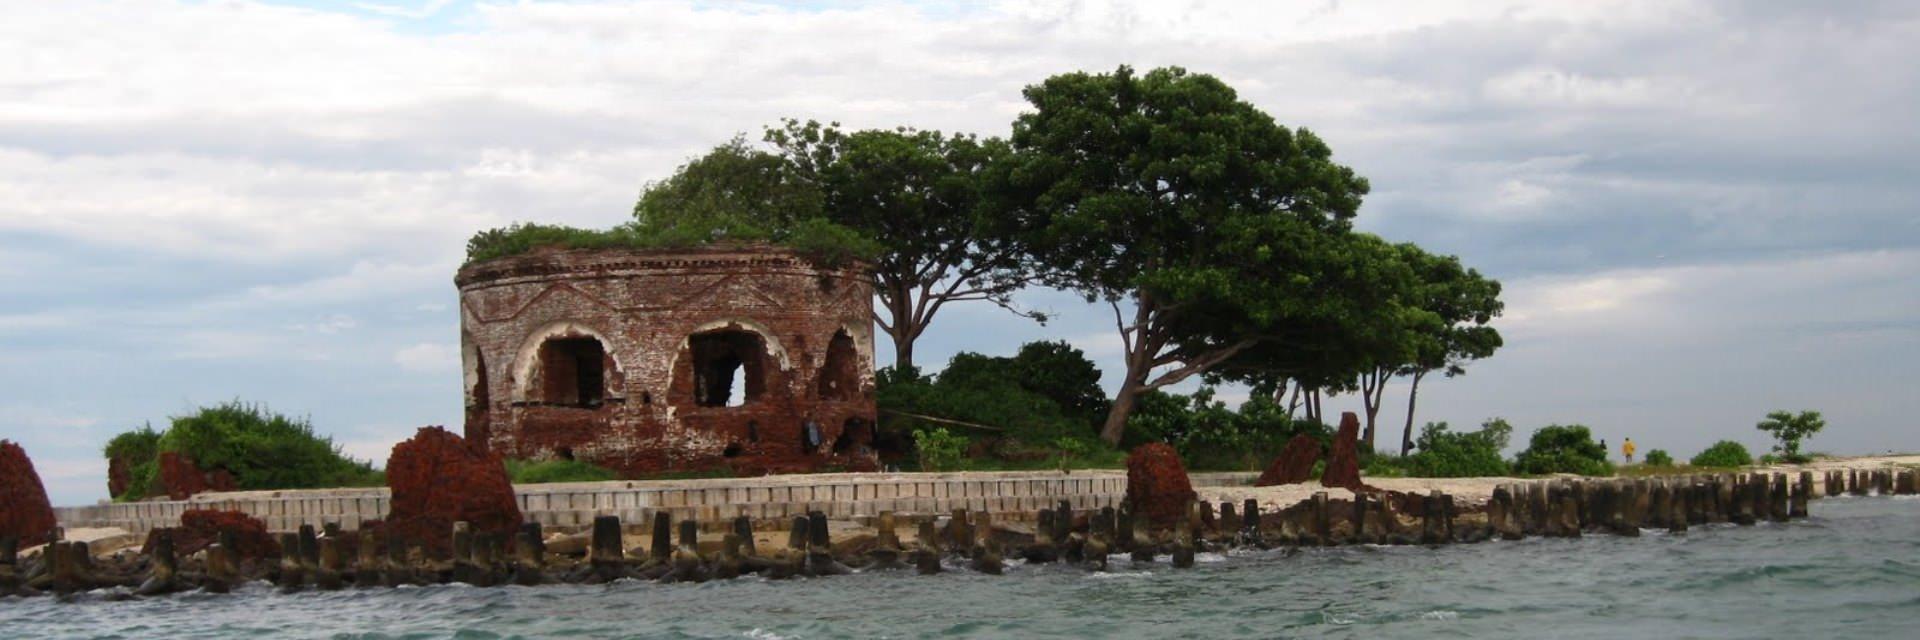 Pulau Bidadari Destinasi Liburan Romantis Bareng Pasangan Pulau Bidadari Destinasi Liburan Romantis Bareng Pasangan - Dolan Dolen